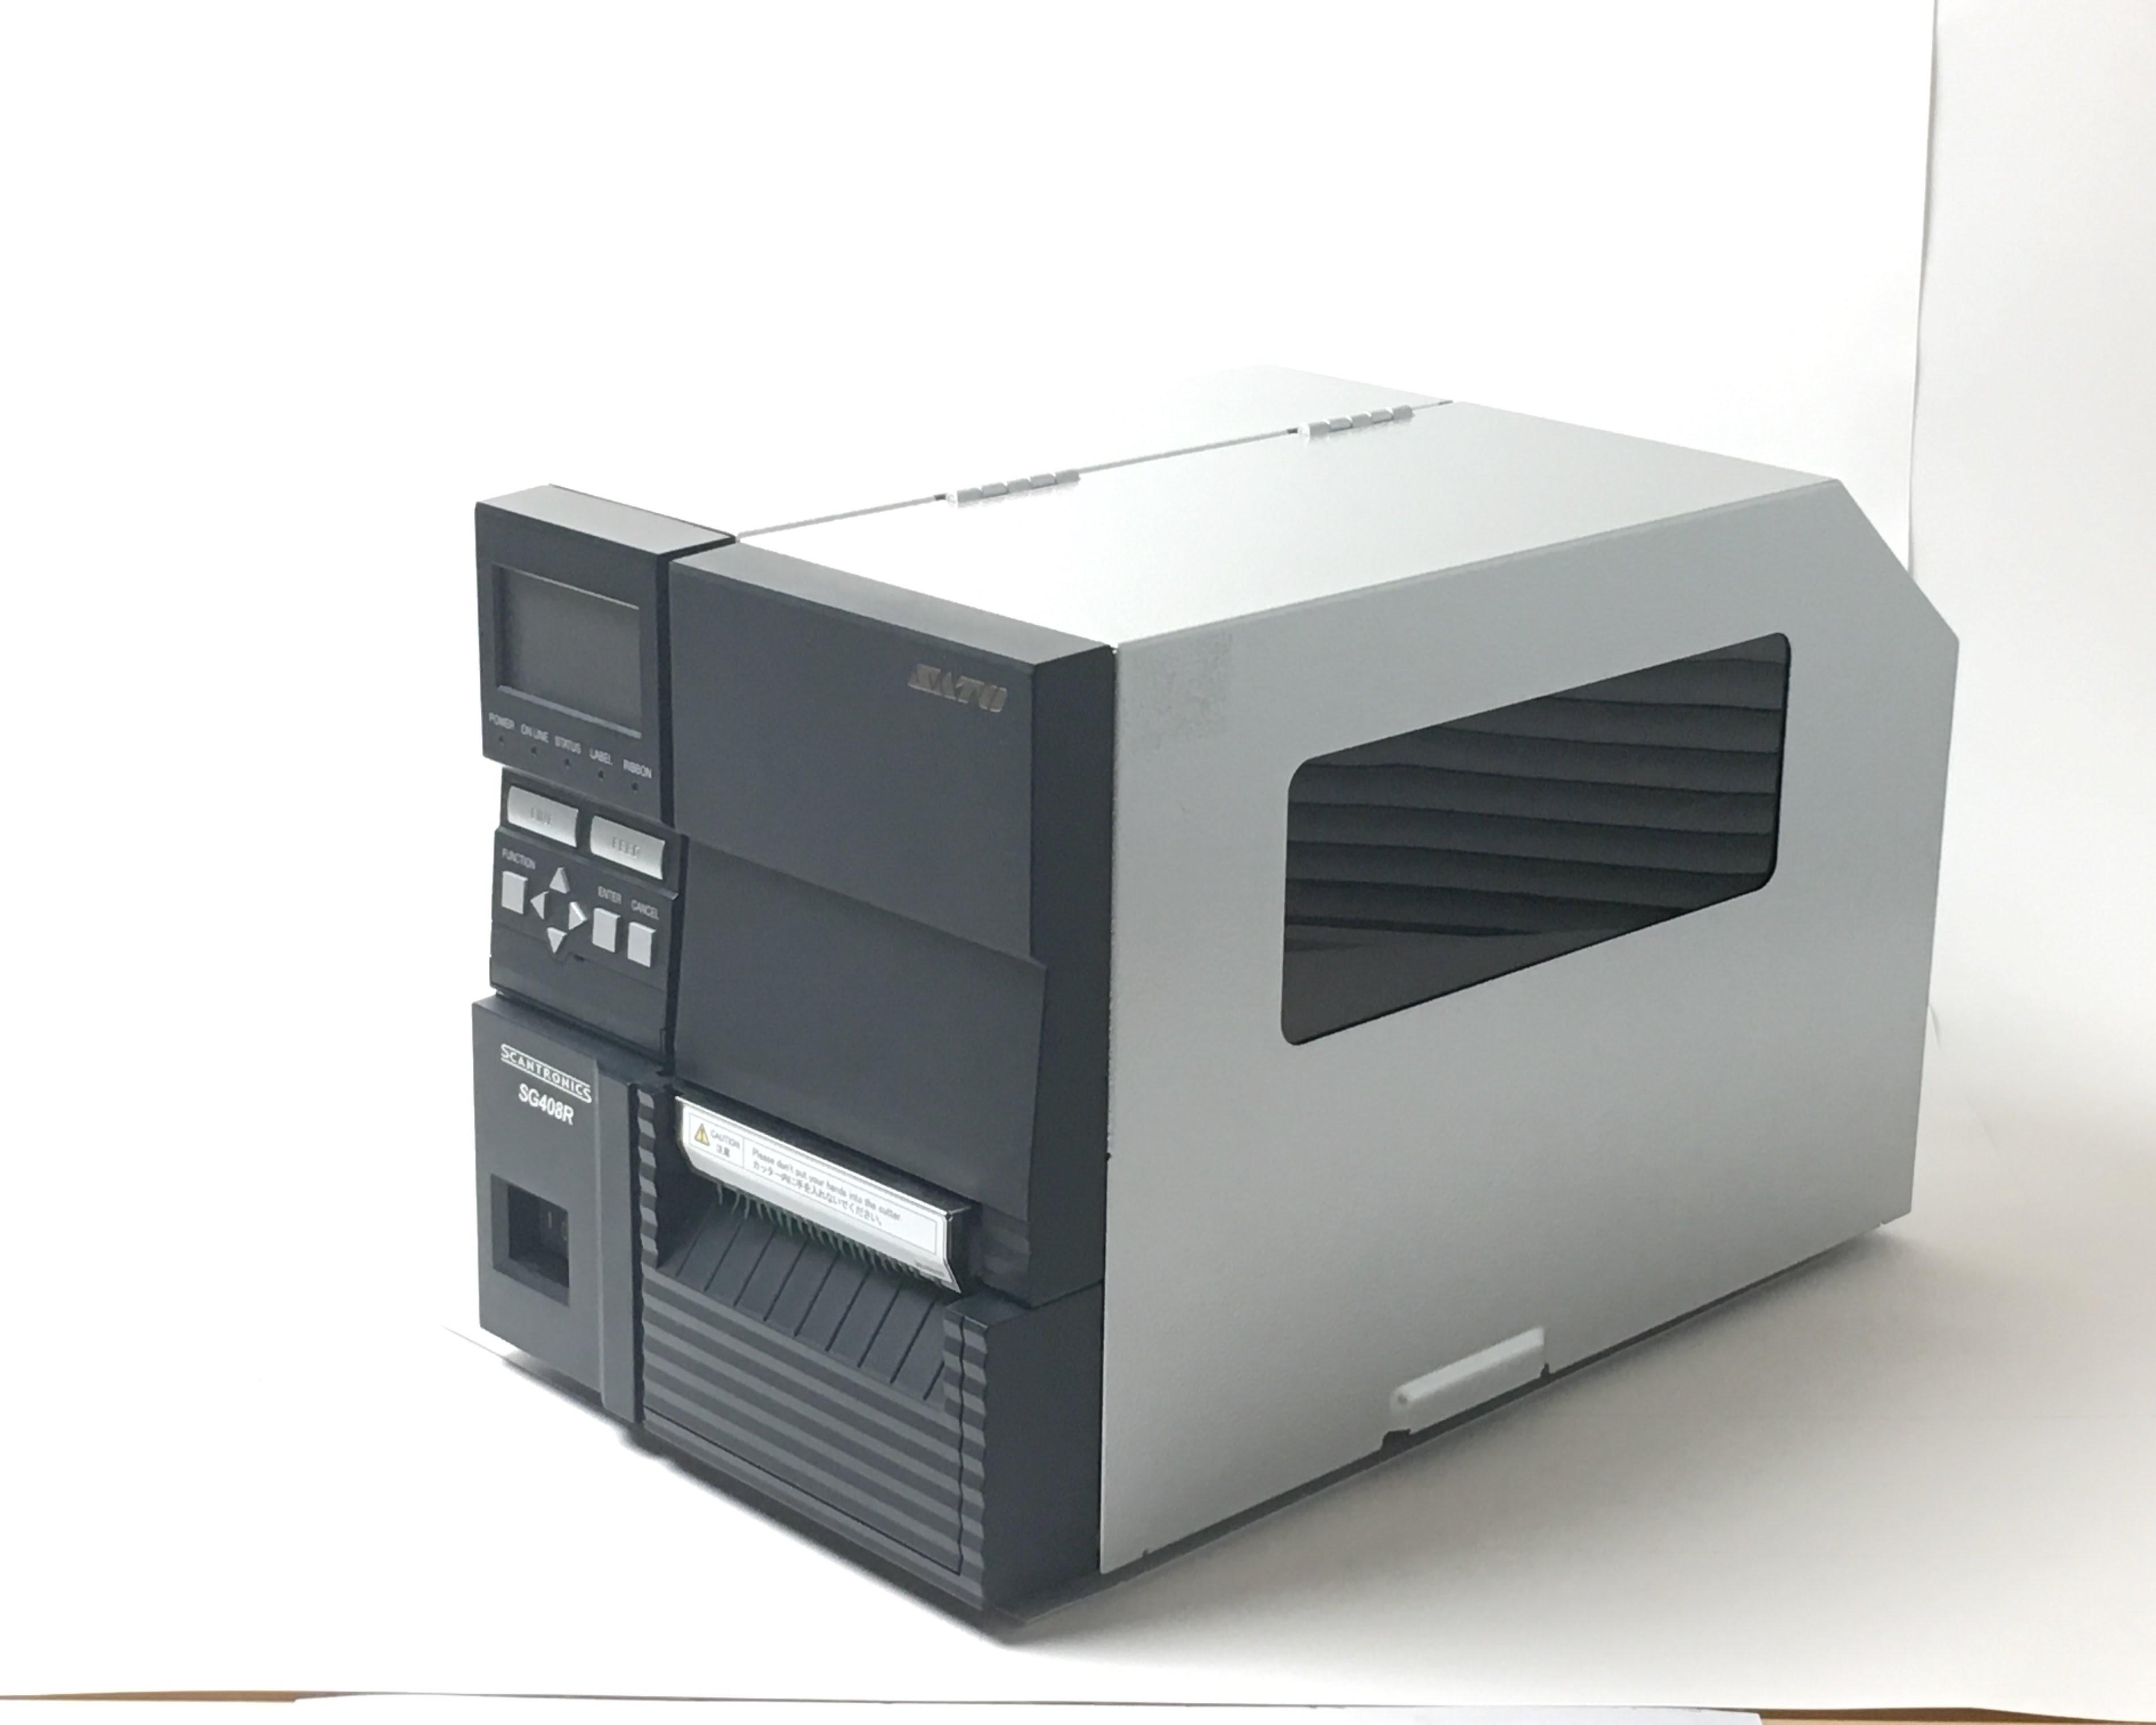 【中古】SATO SG408 CT(LAN) メイン画像